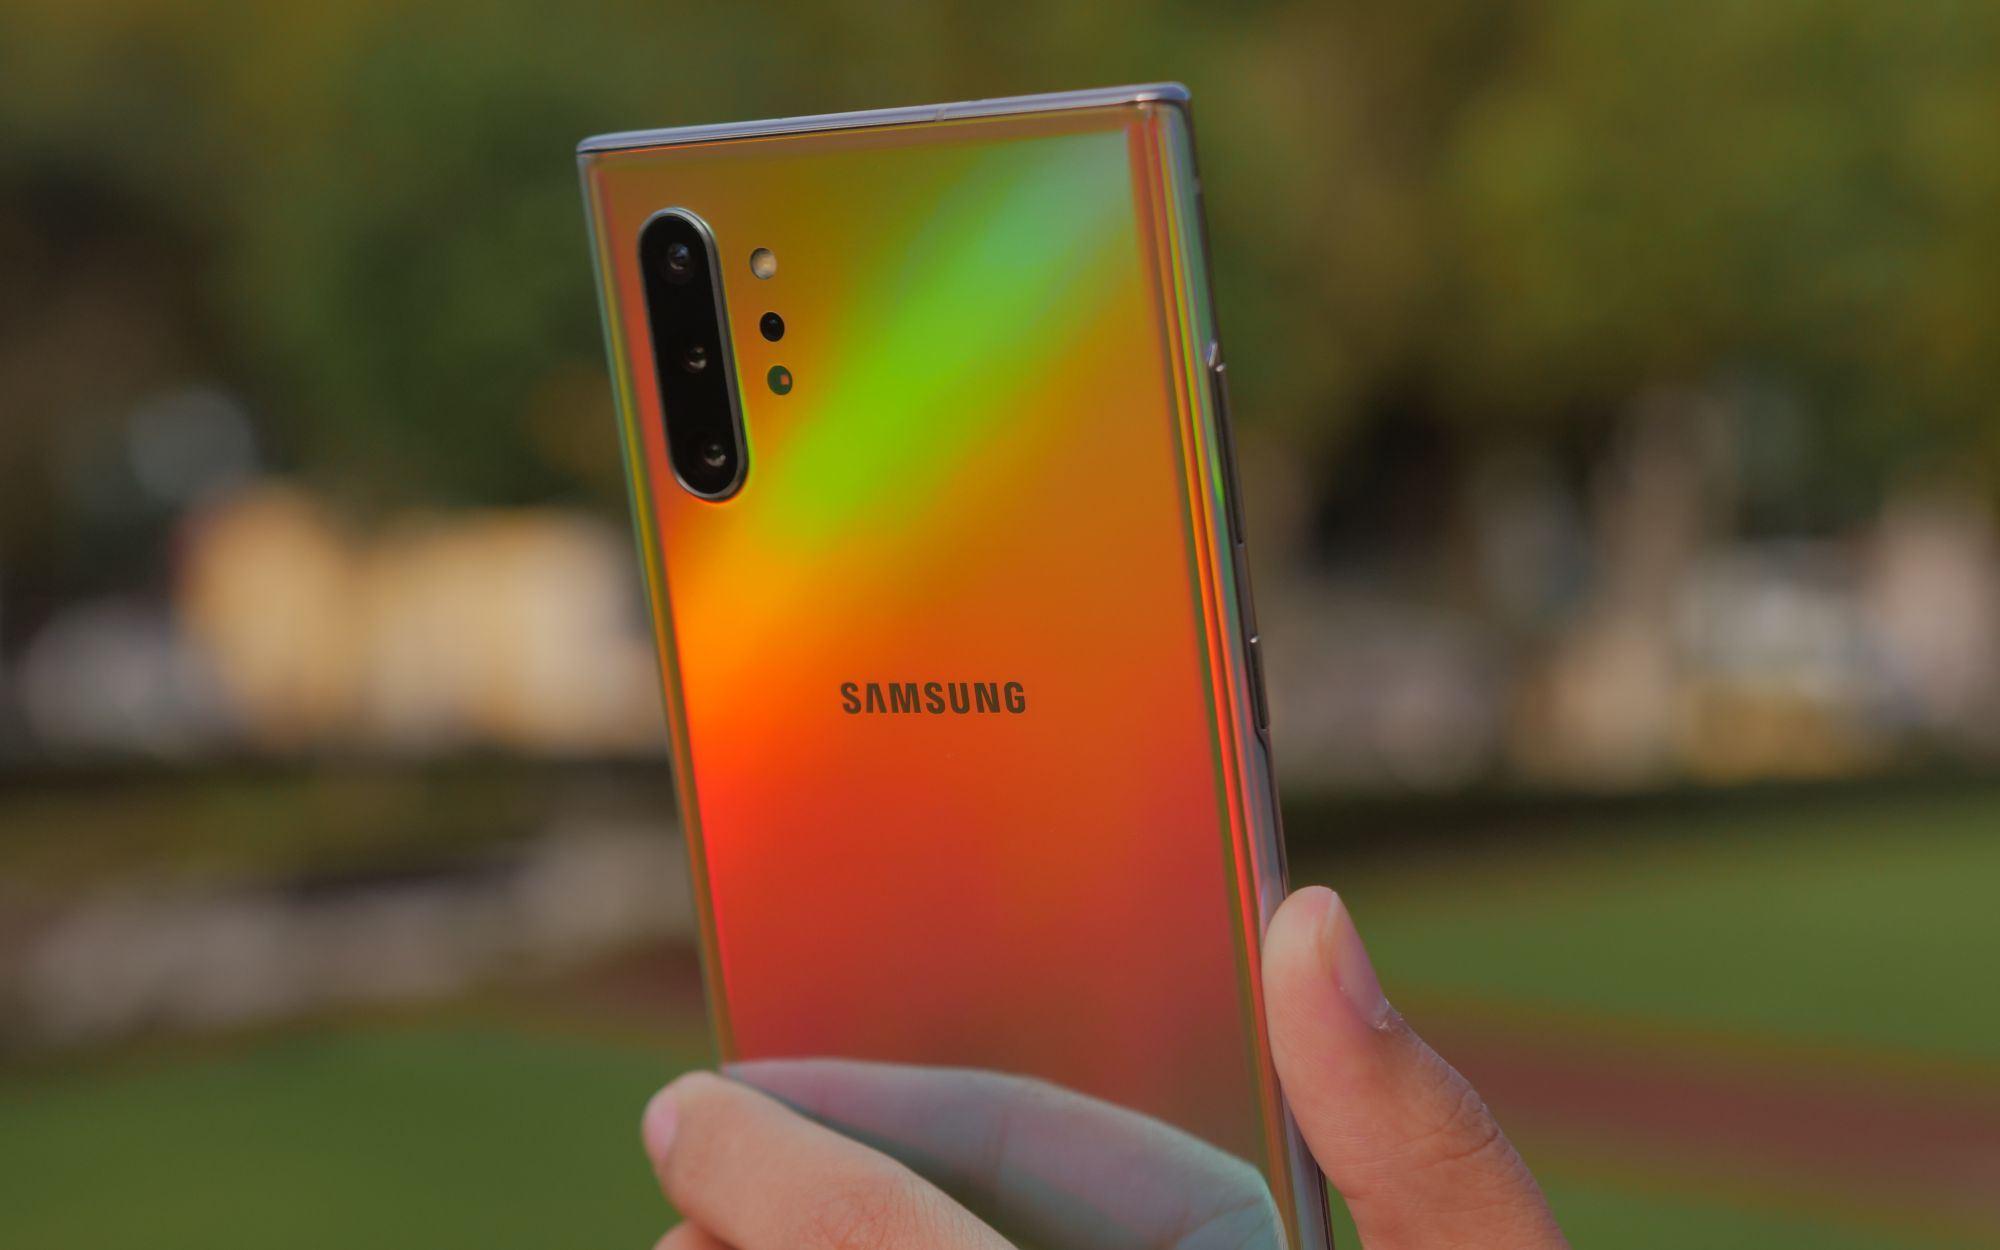 10 dicas de fotografia e vídeo para o Samsung Galaxy Note10+